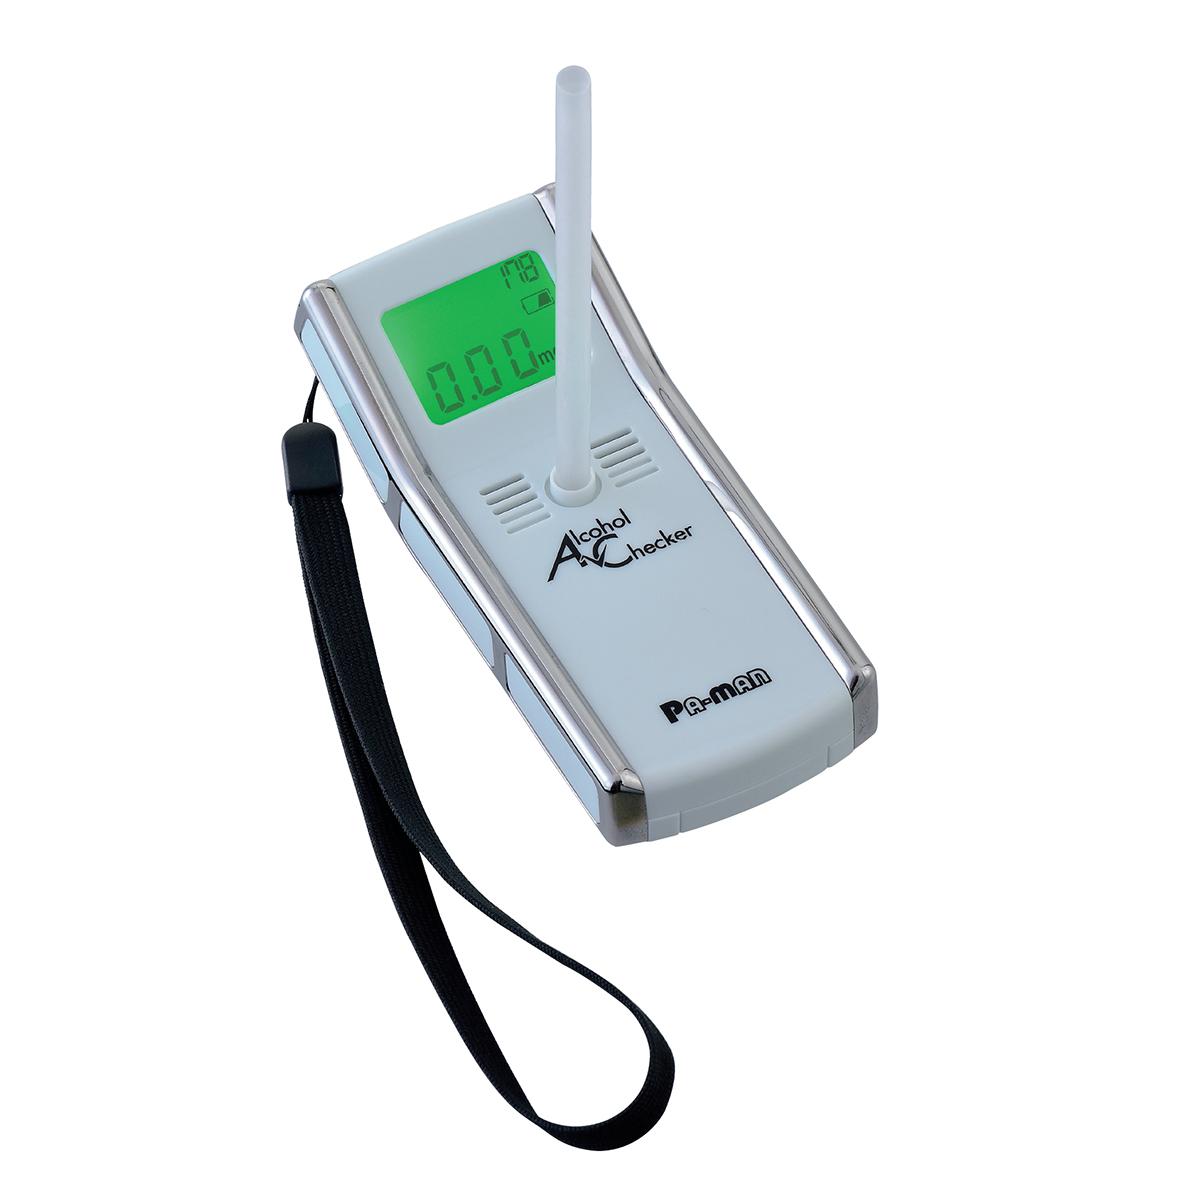 二日酔い 奈良漬も検出 呼気アルコール濃度を0.01mg セール価格 Lから検出 アルコールチェッカー アルコール検知器 高精度 直吹き式 業務用 送料無料 新品